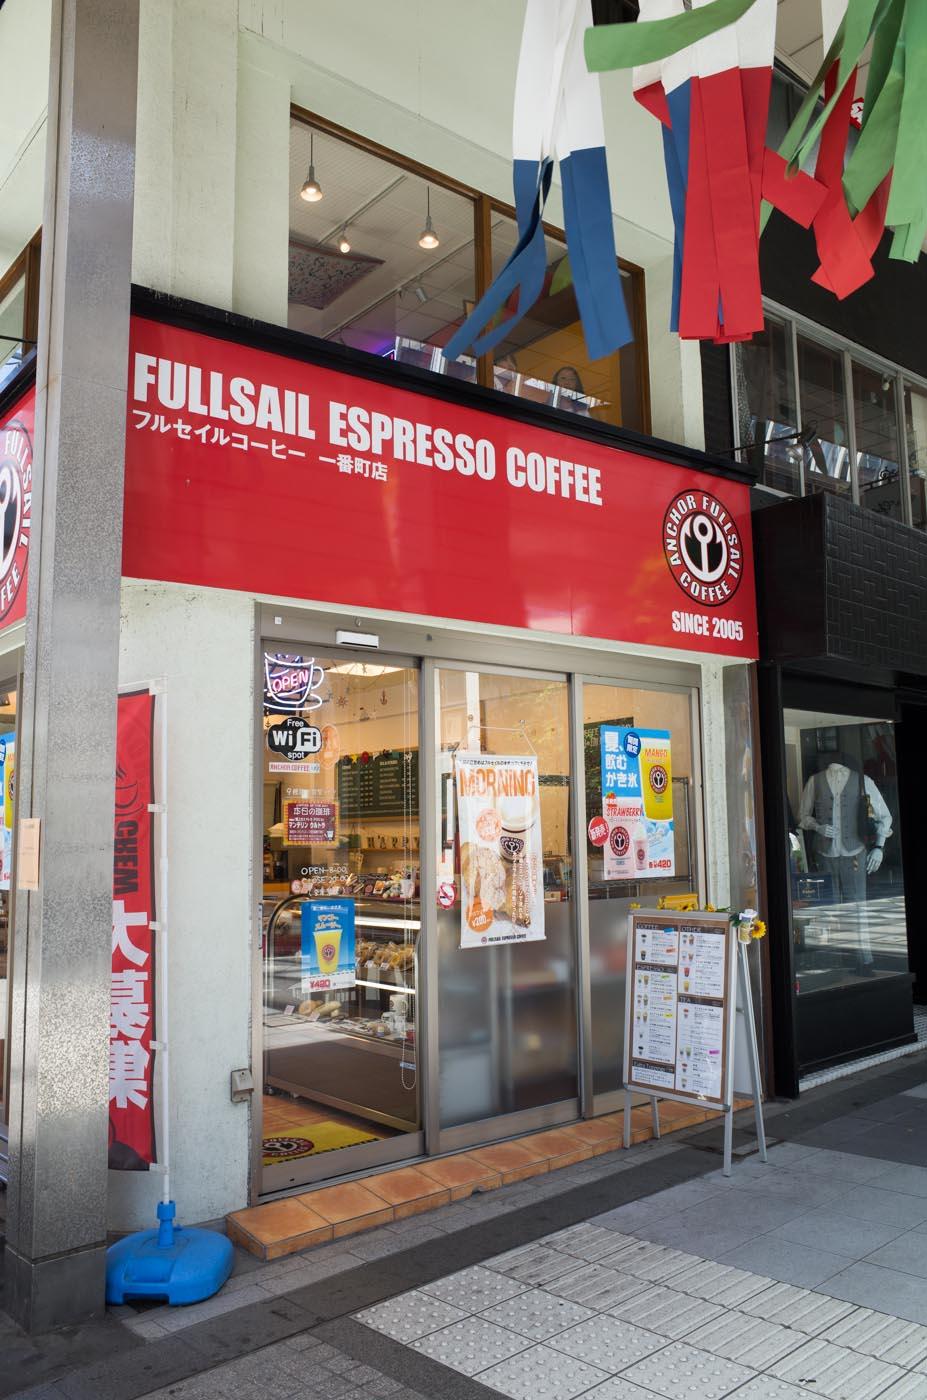 フルセイルコーヒー 一番町店-01